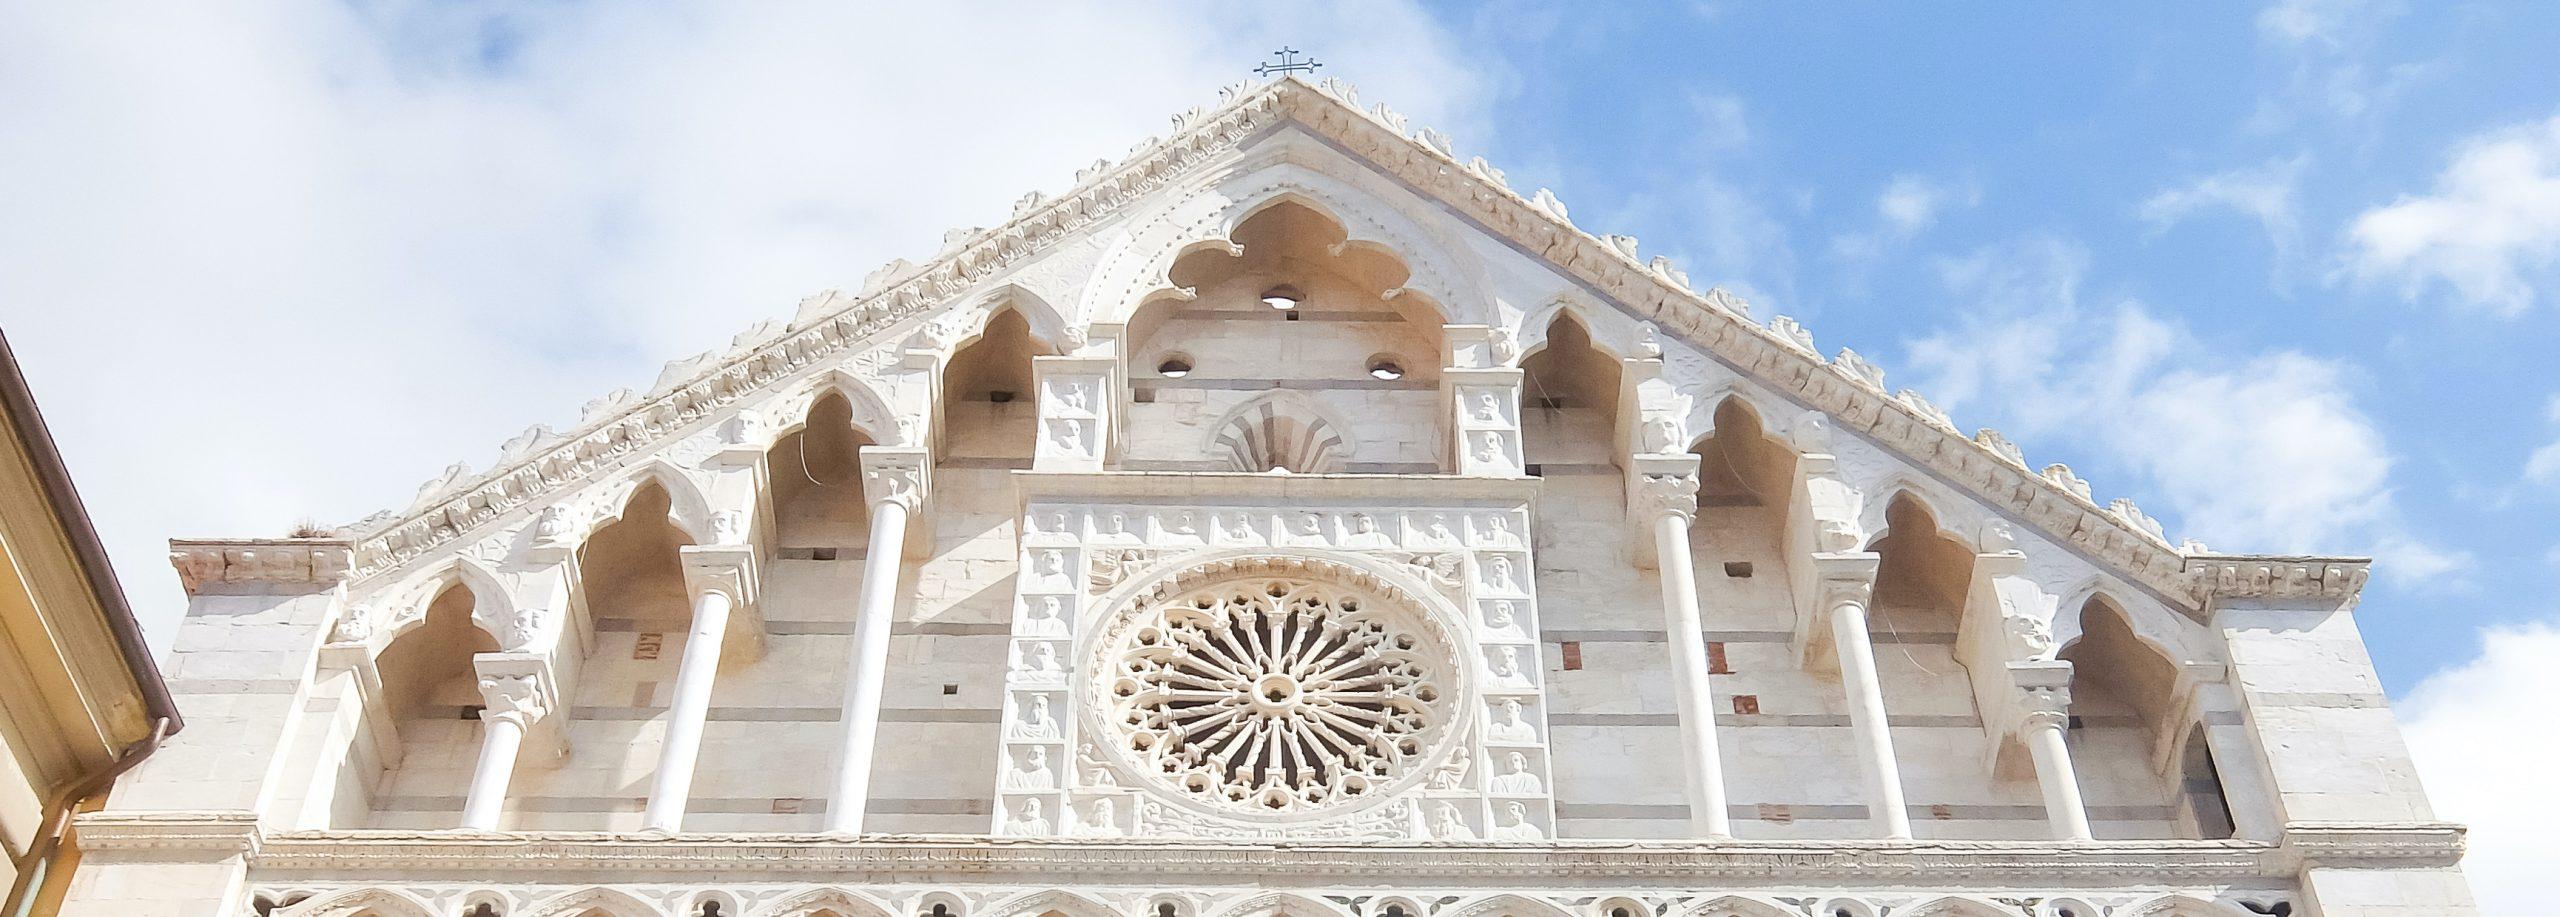 Pisa Style: the Romanesque Pisano